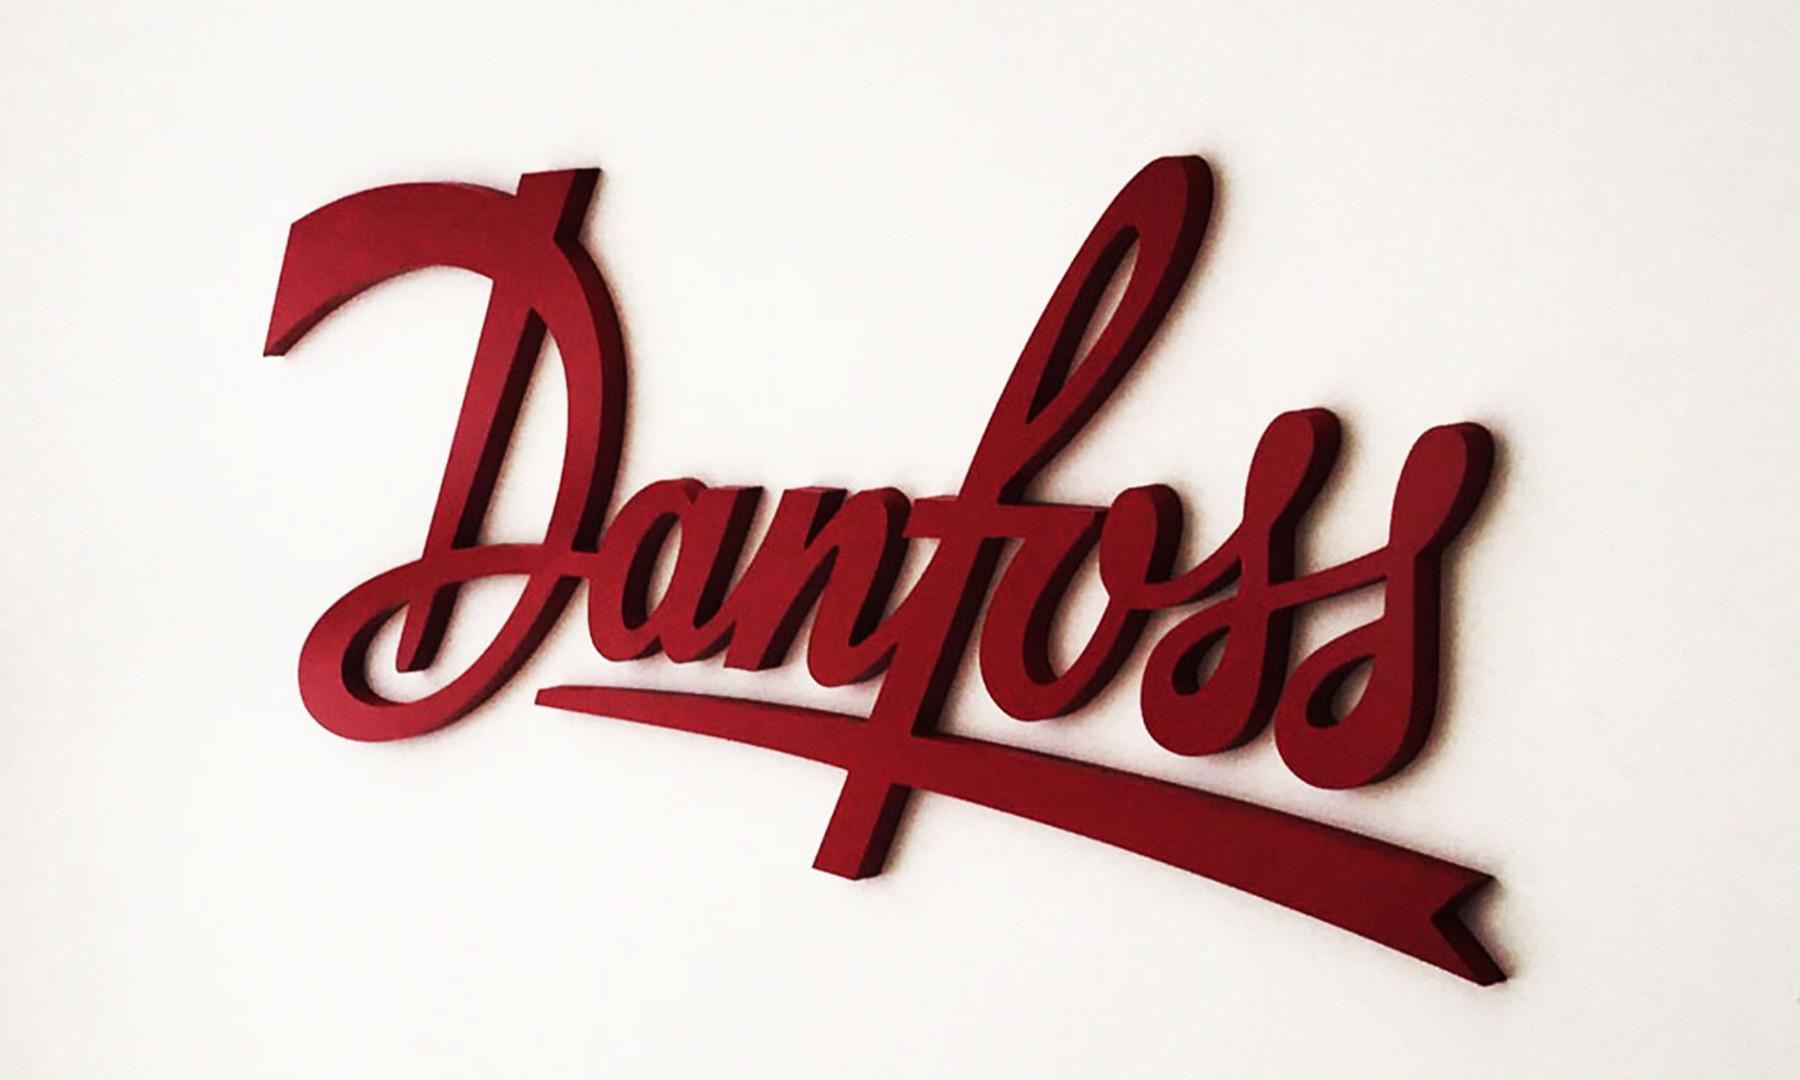 Dimensional Letters for Danfoss (Hopkinsville, KY).